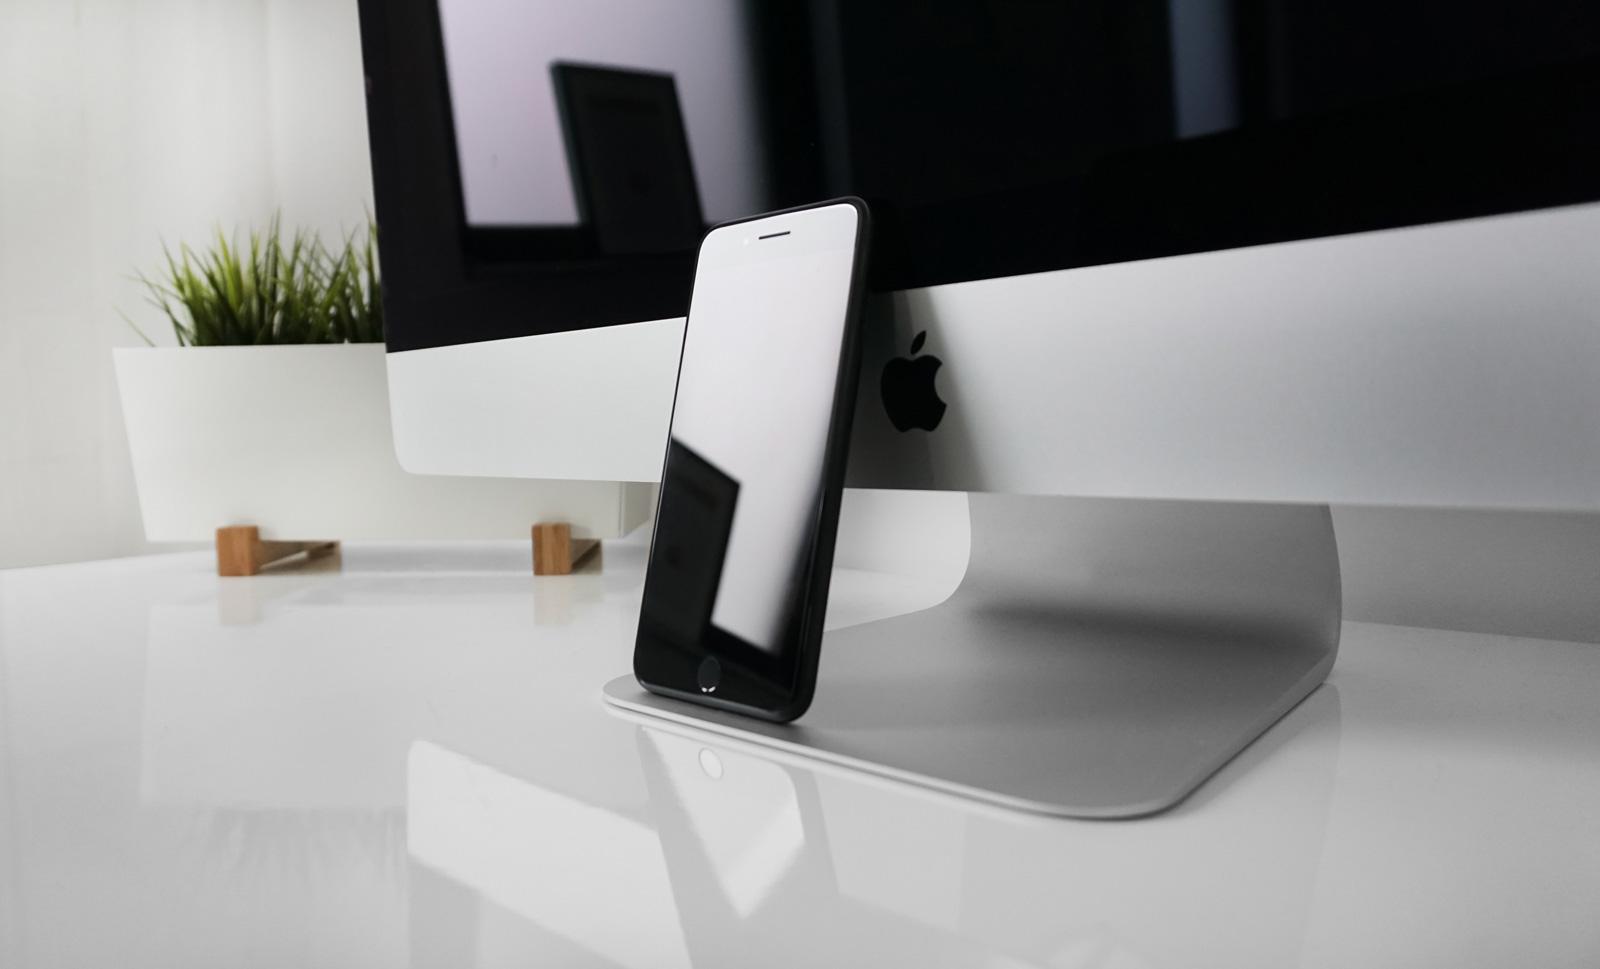 iPhone 7 Plus Vs iPhone 7